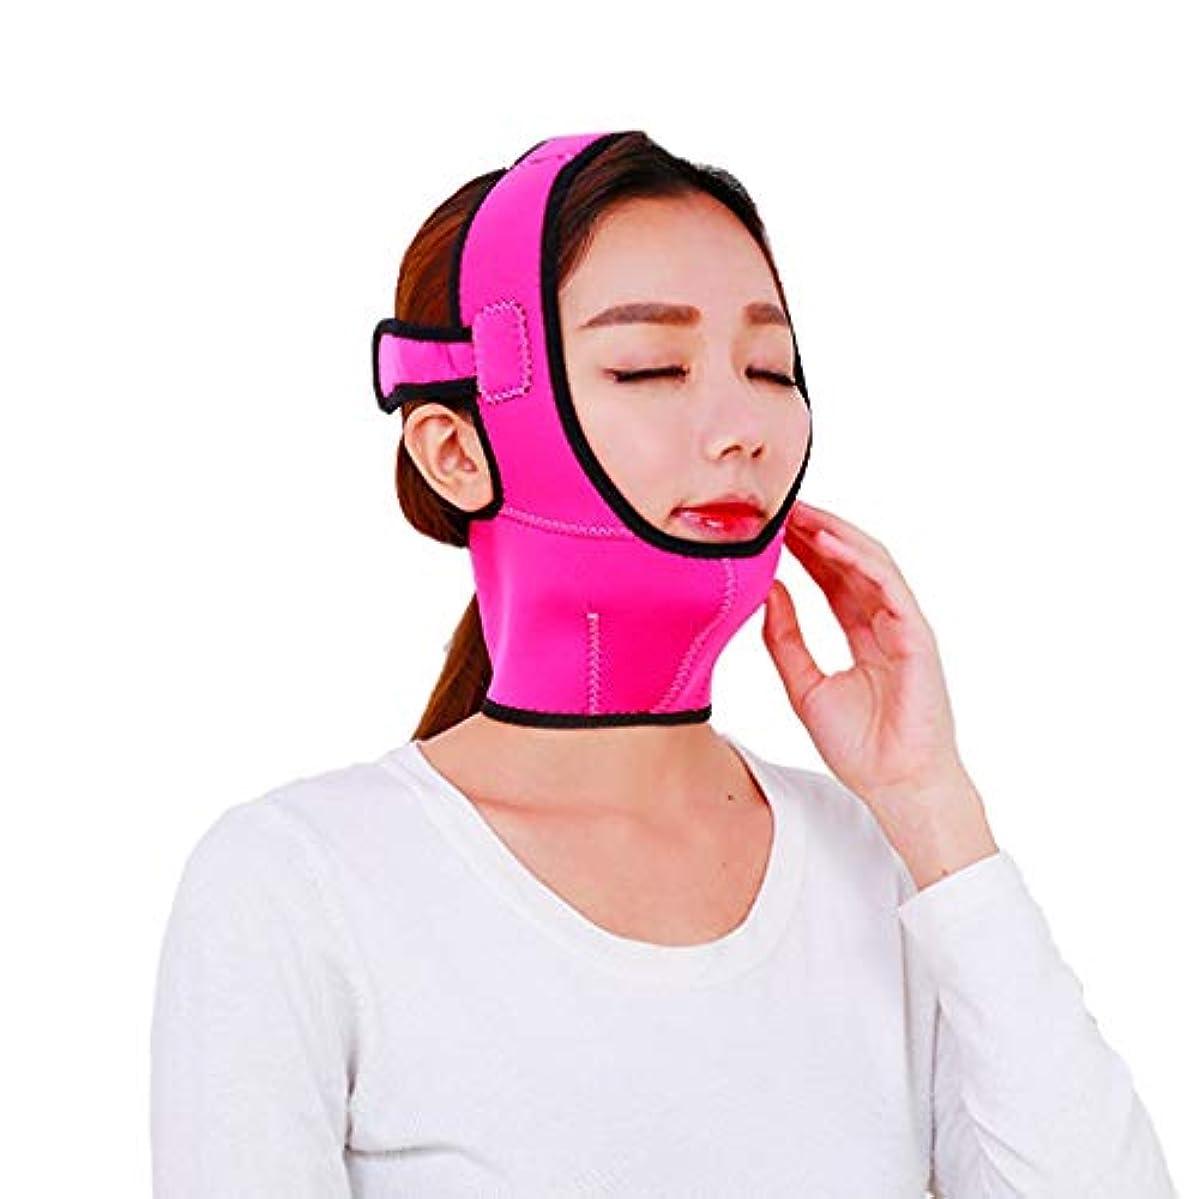 艦隊雑種聖なるJia He 軽量 マスクフェイスリフティング二重あごネックV-顔アーティファクトアンチリンクル通気性睡眠包帯を持ち上げる薄い顔ベルト、フェイス ## (Color : Rose red)